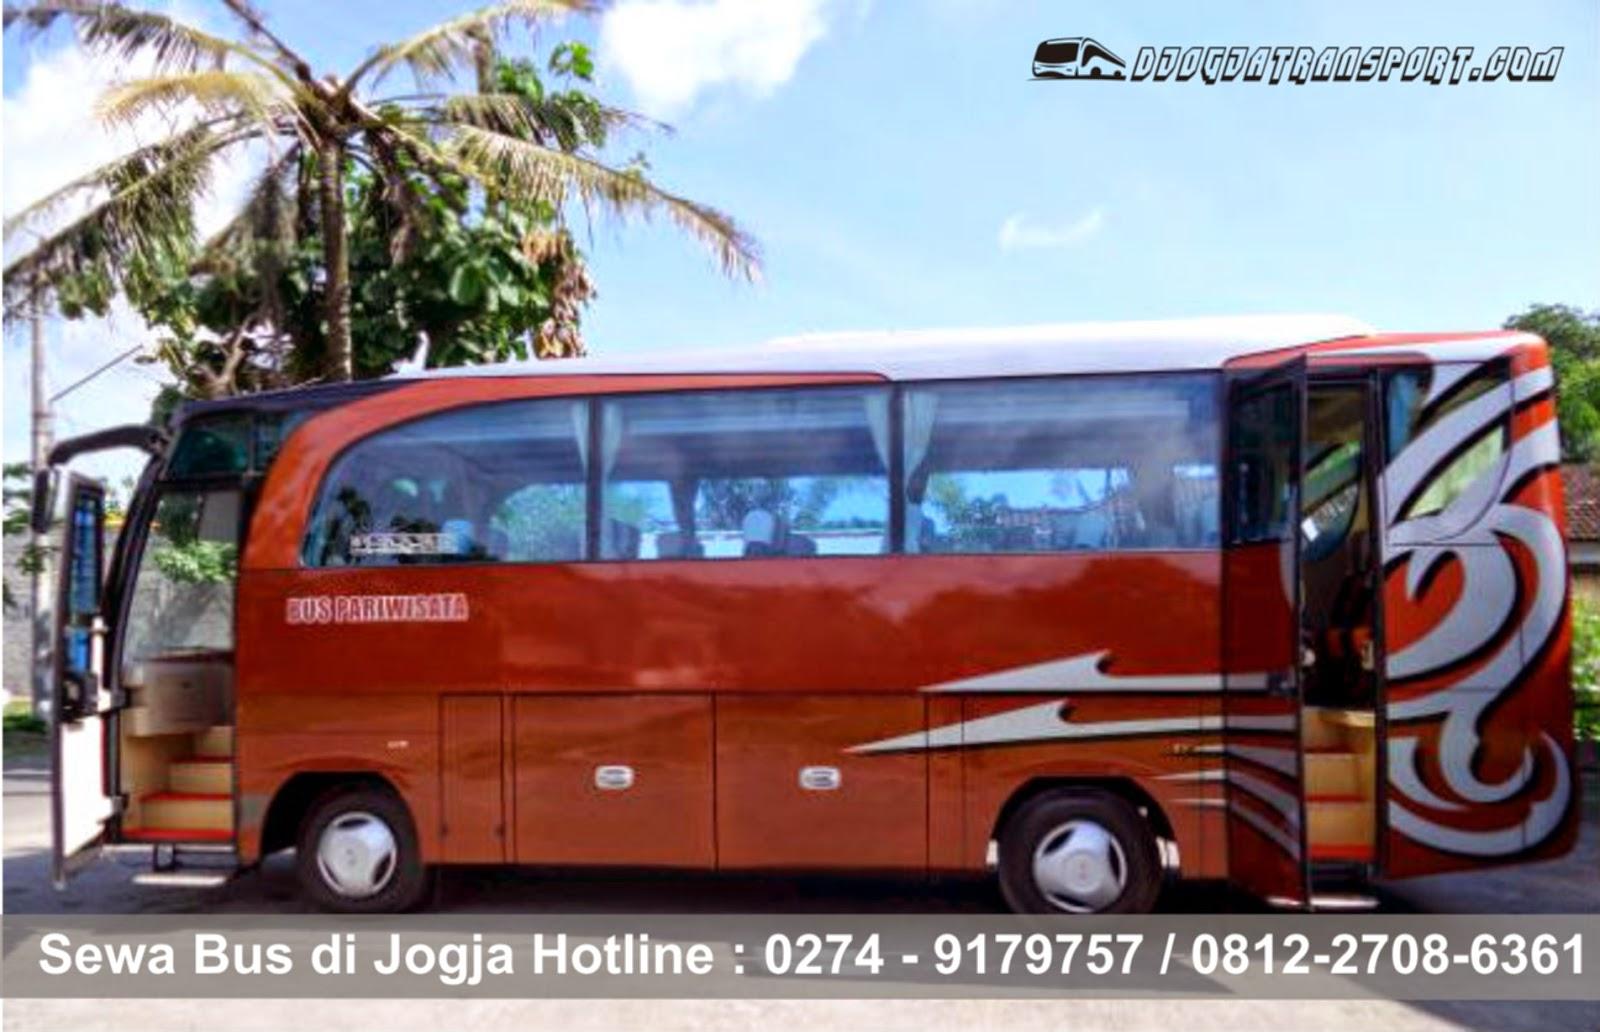 sewa medium bus wisata di Jogja